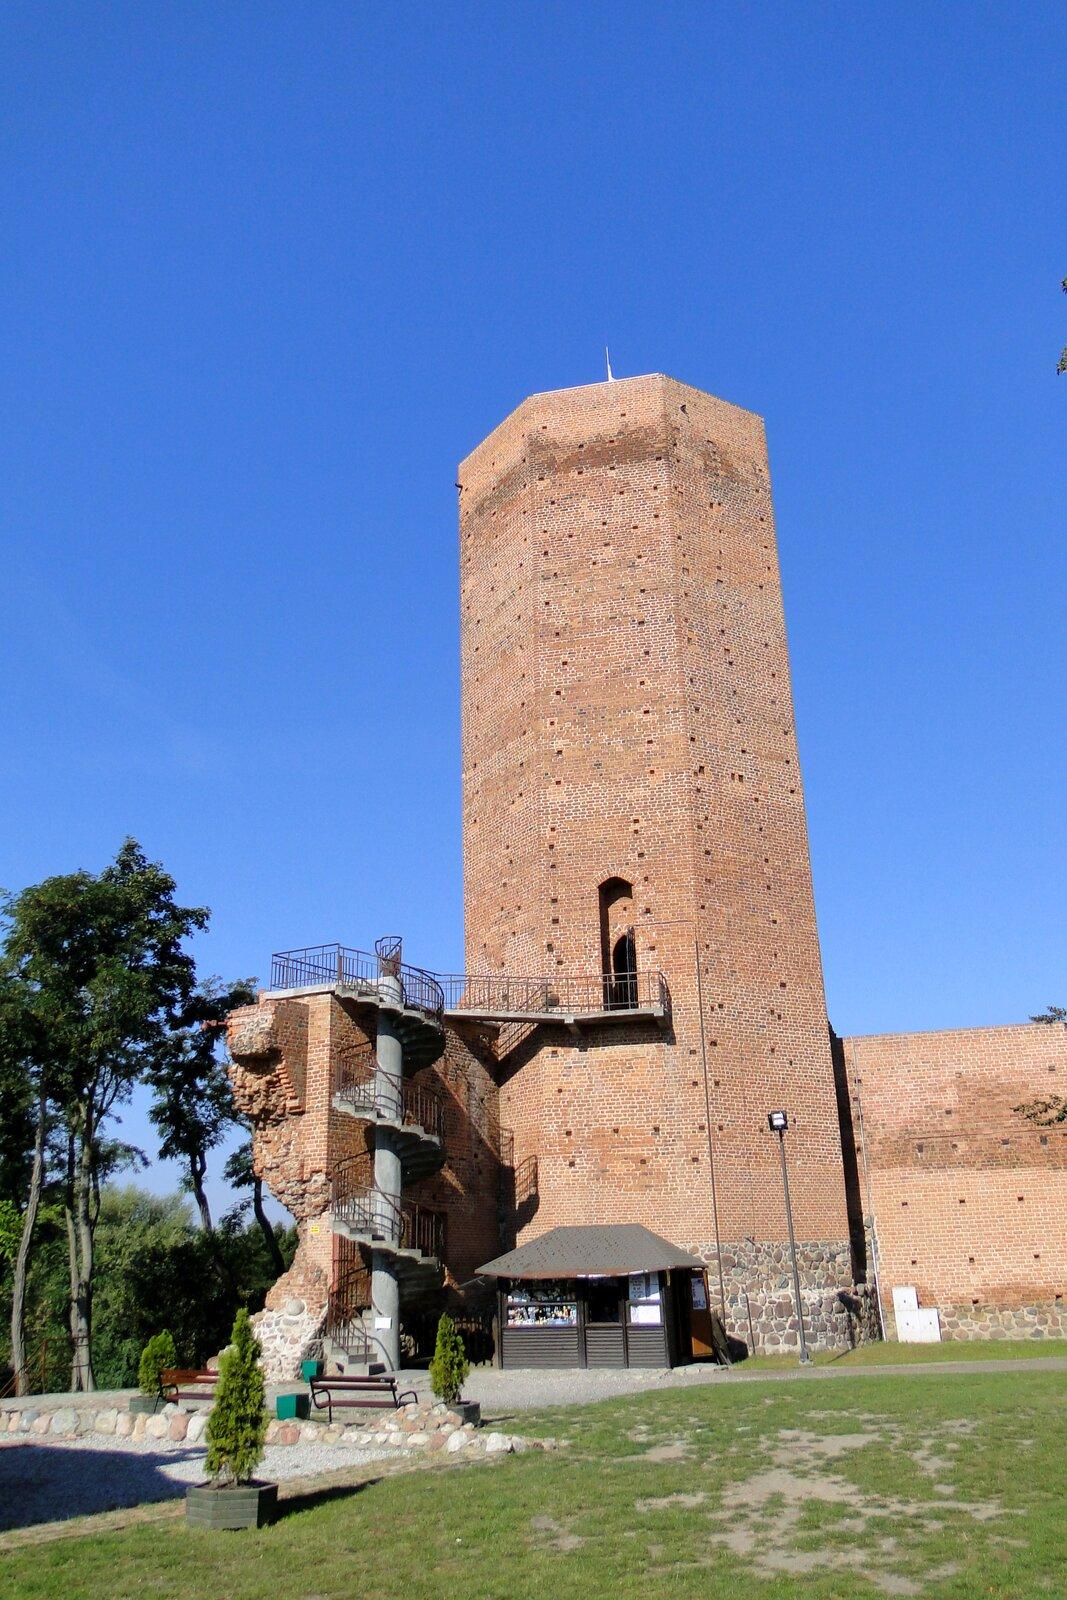 Mysia Wieża wKruszwicy Mysia Wieża wKruszwicy Źródło: Jędrycha, Wikimedia Commons, licencja: CC BY-SA 3.0.